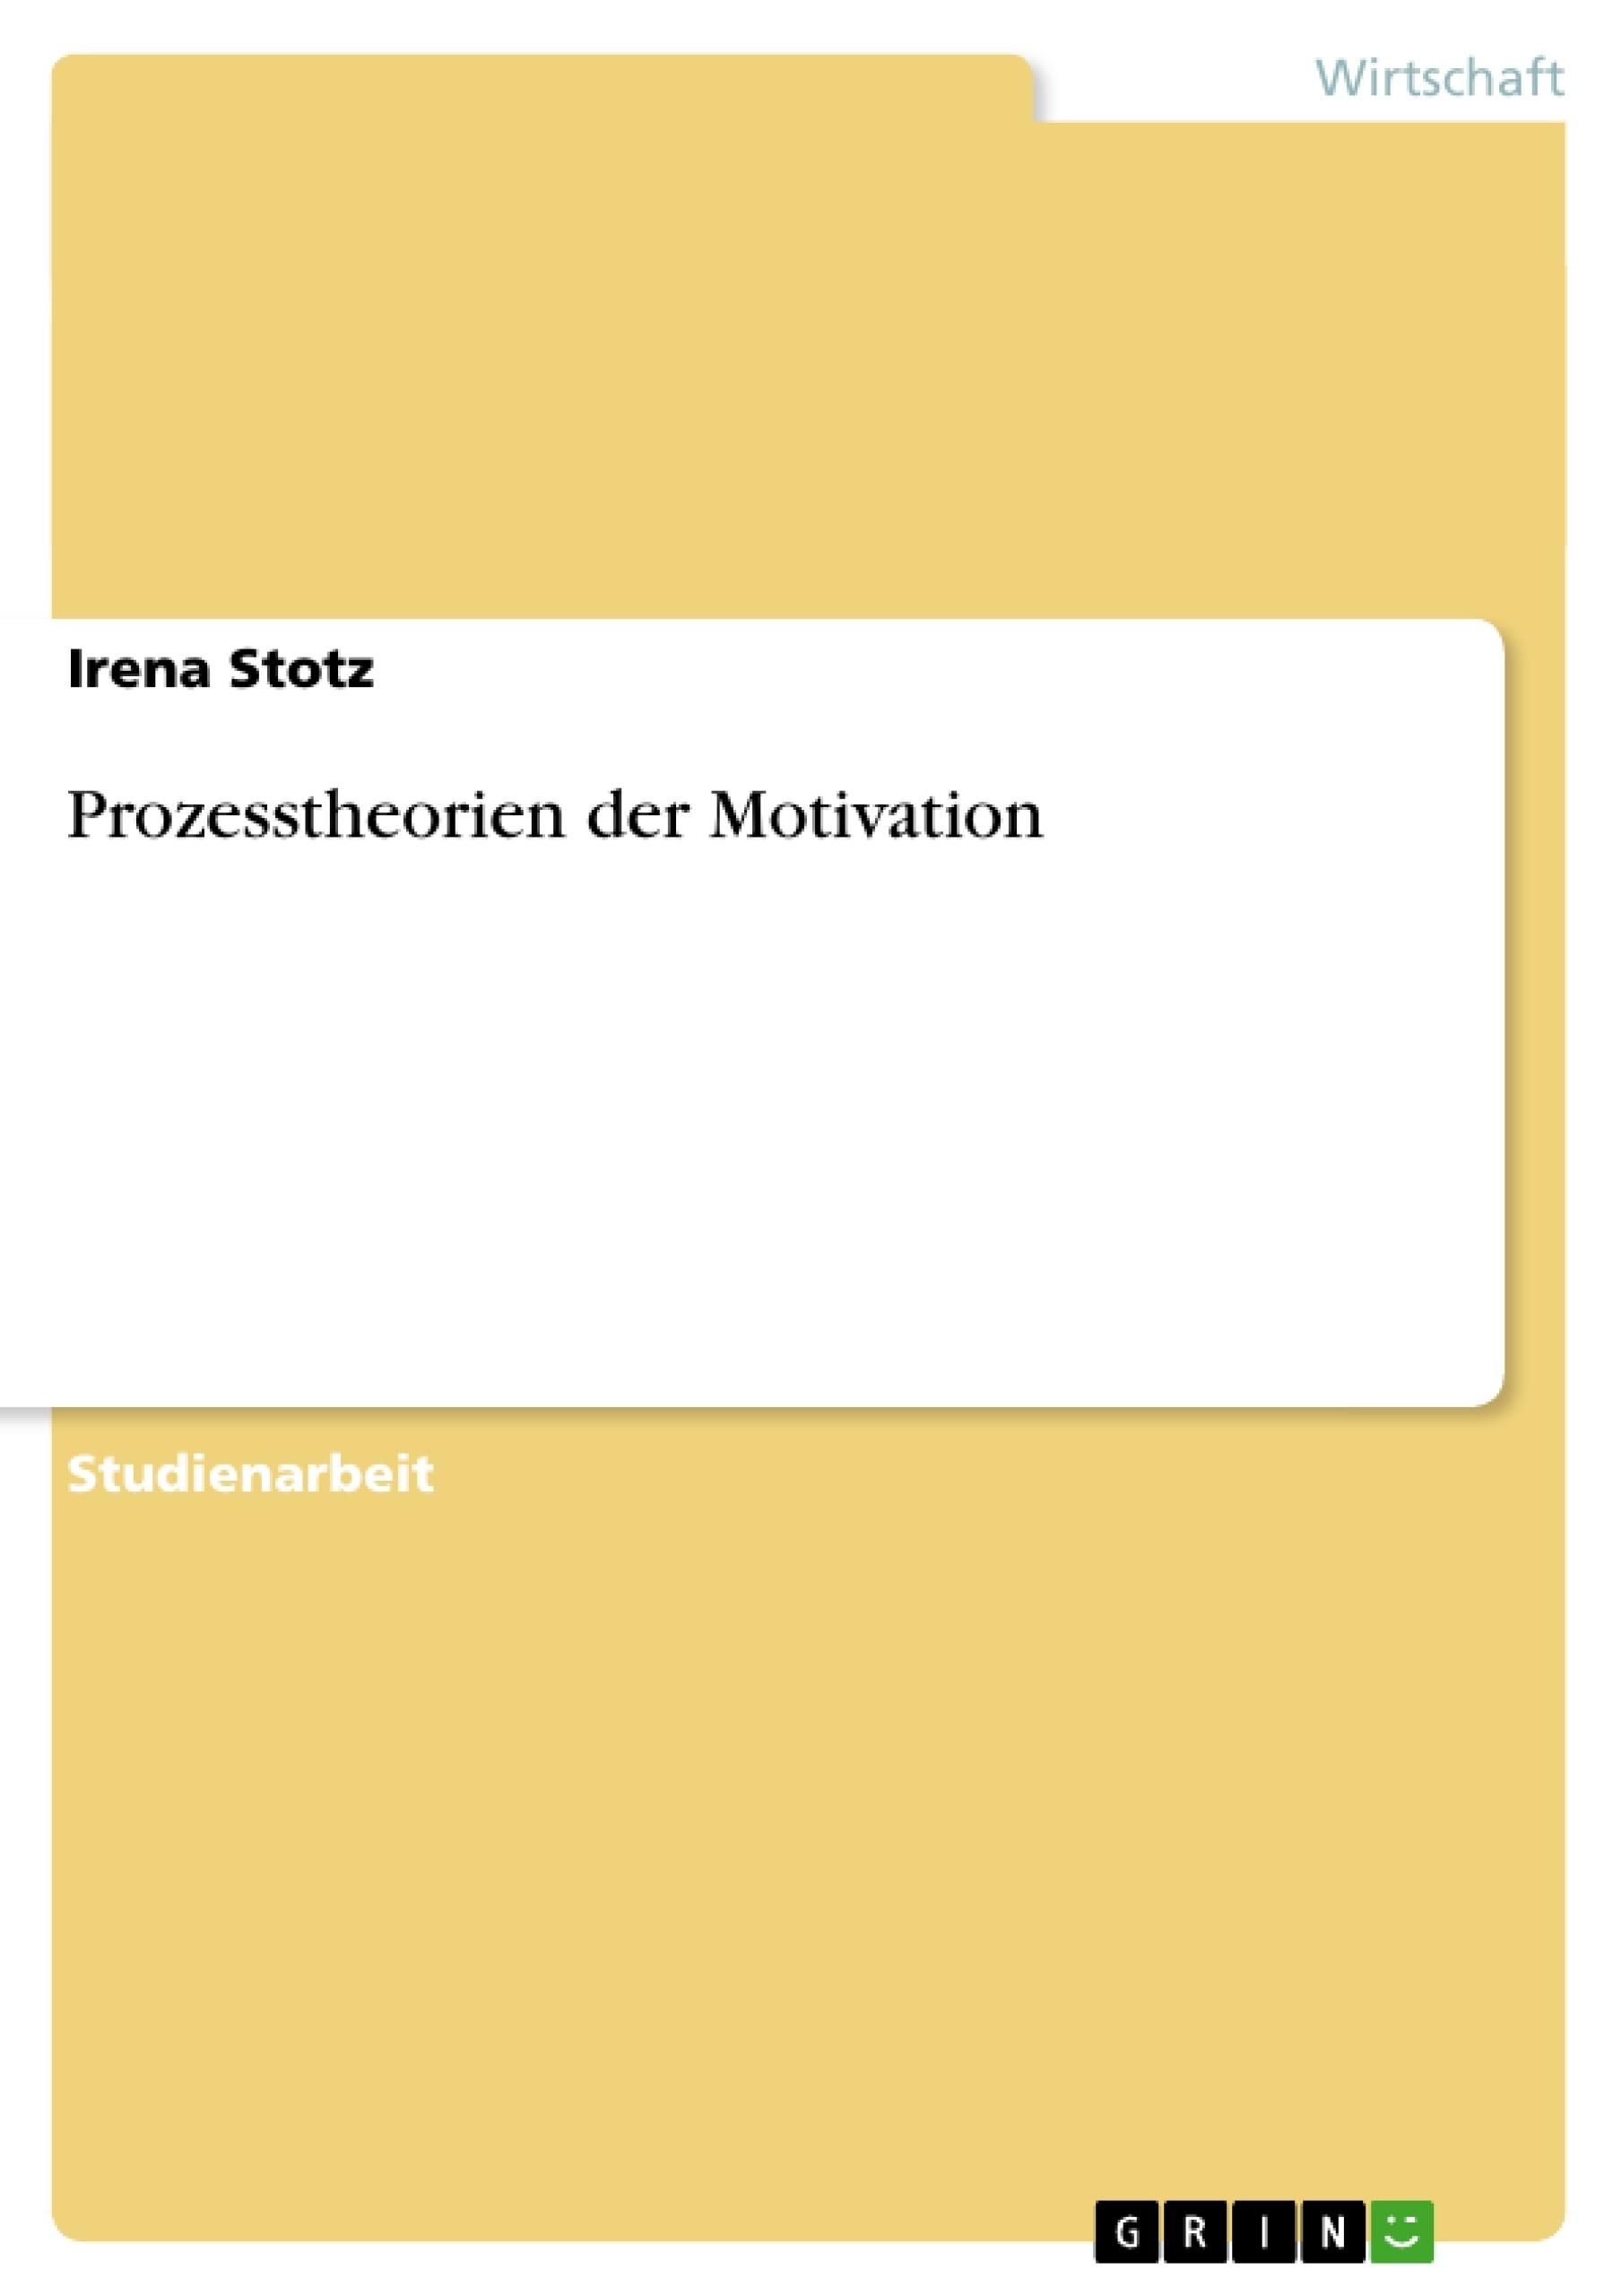 Titel: Prozesstheorien der Motivation